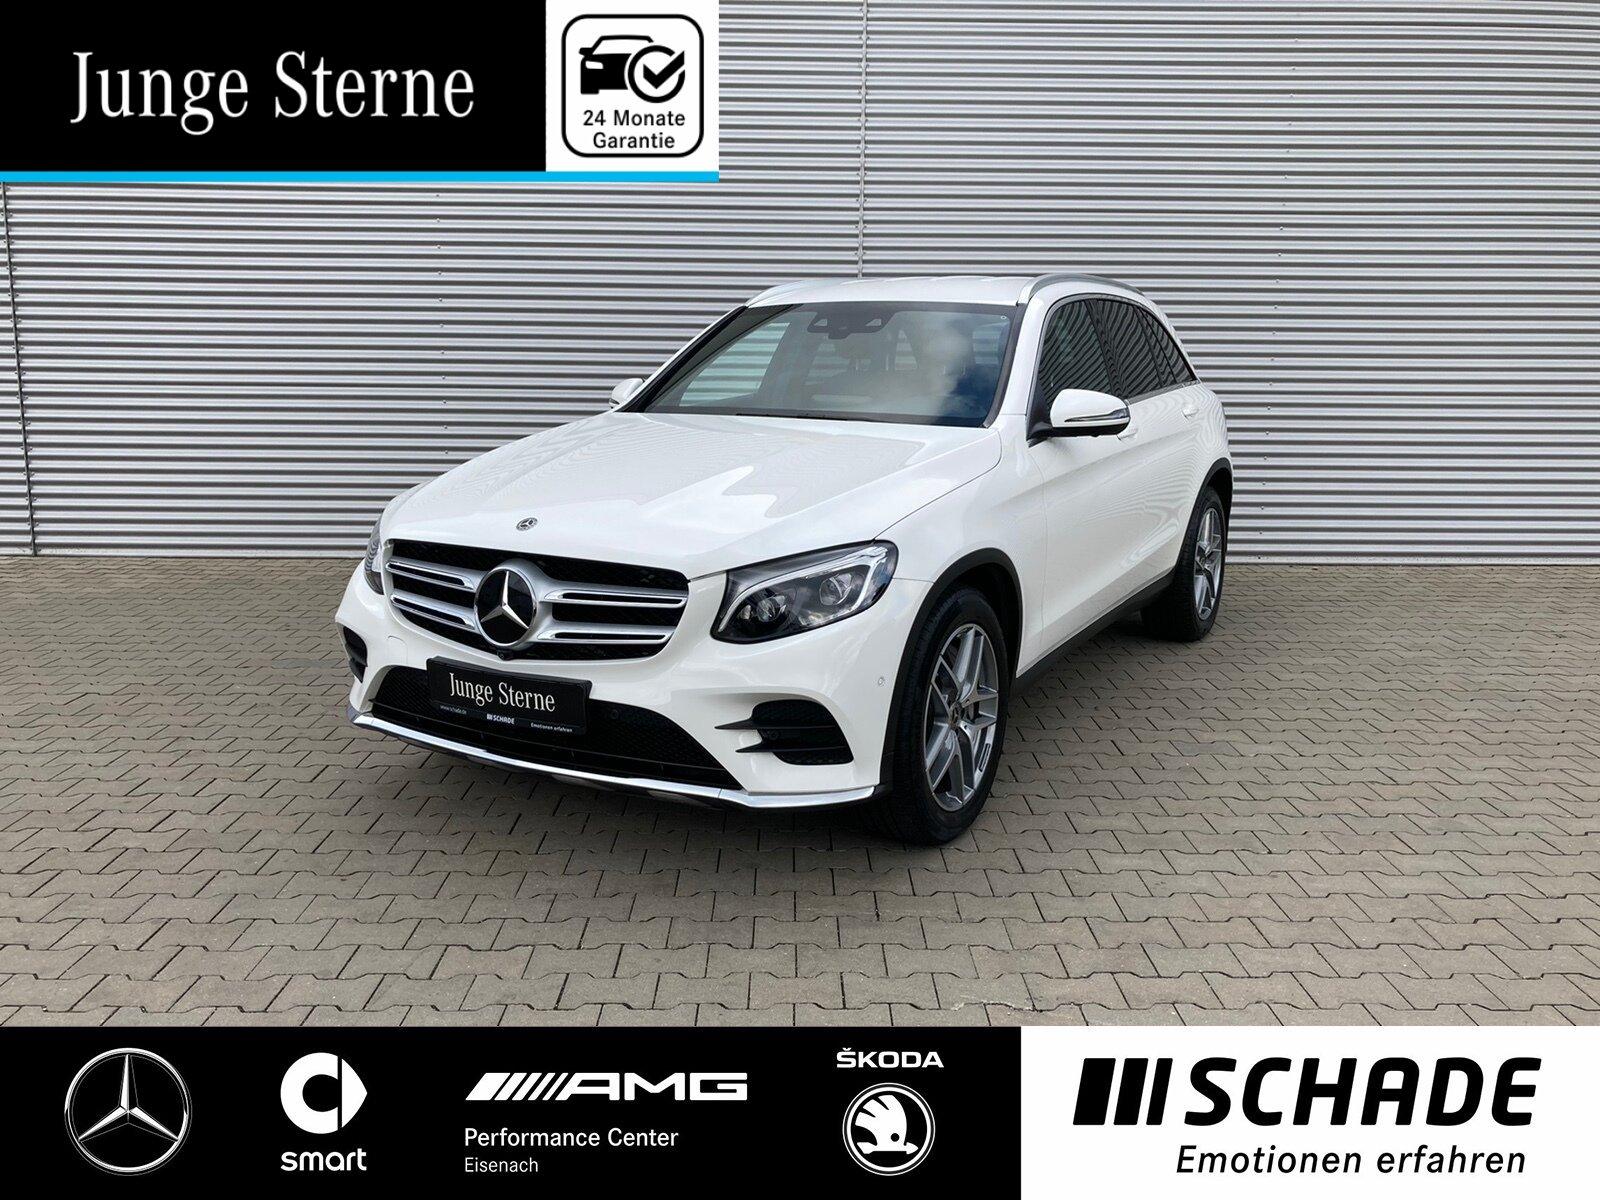 Mercedes-Benz GLC 350 d 4M AMG Line ILS*AHK*360°Kam*Distronic, Jahr 2017, Diesel